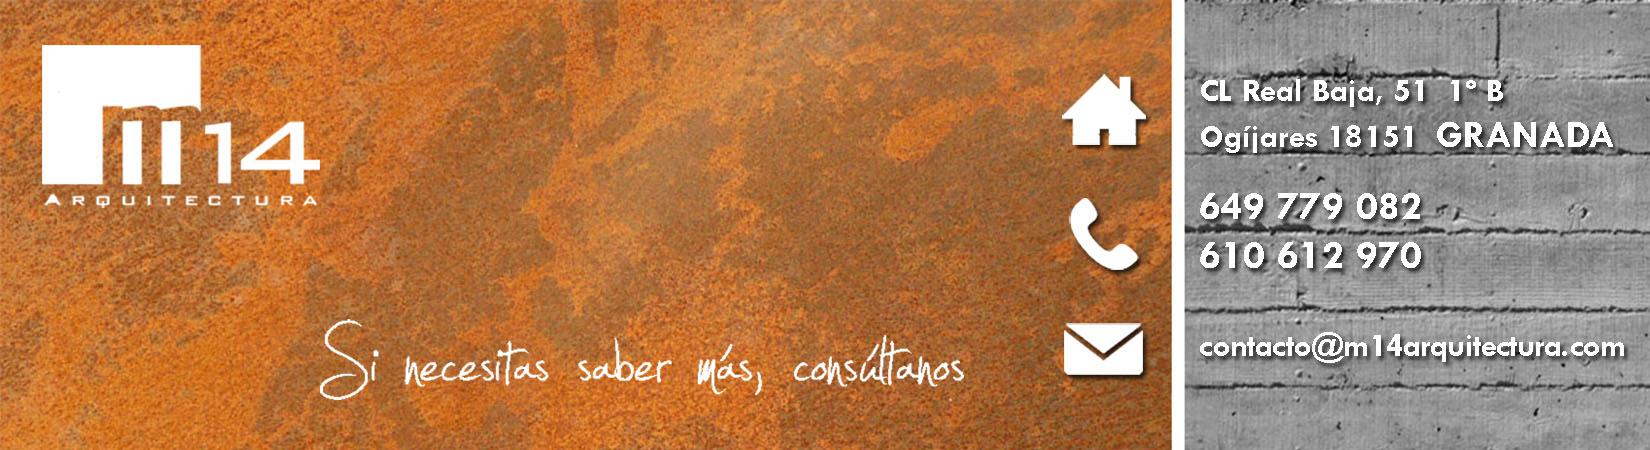 m14_acero_contacto